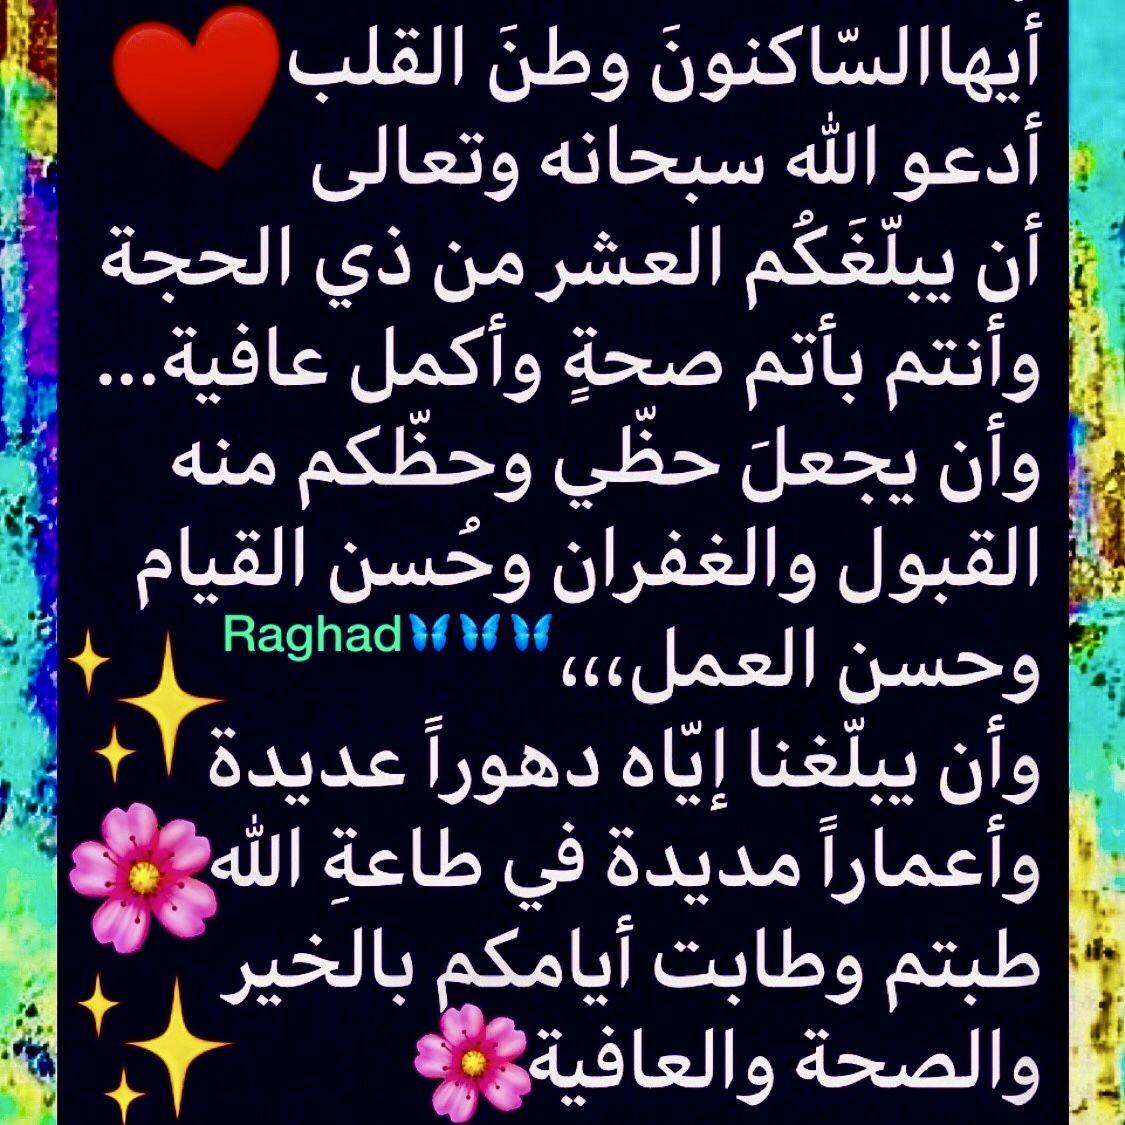 العشر من ذي الحجة خير أيام الدنيا Eid Mubarak Greetings Greetings Desert Rose